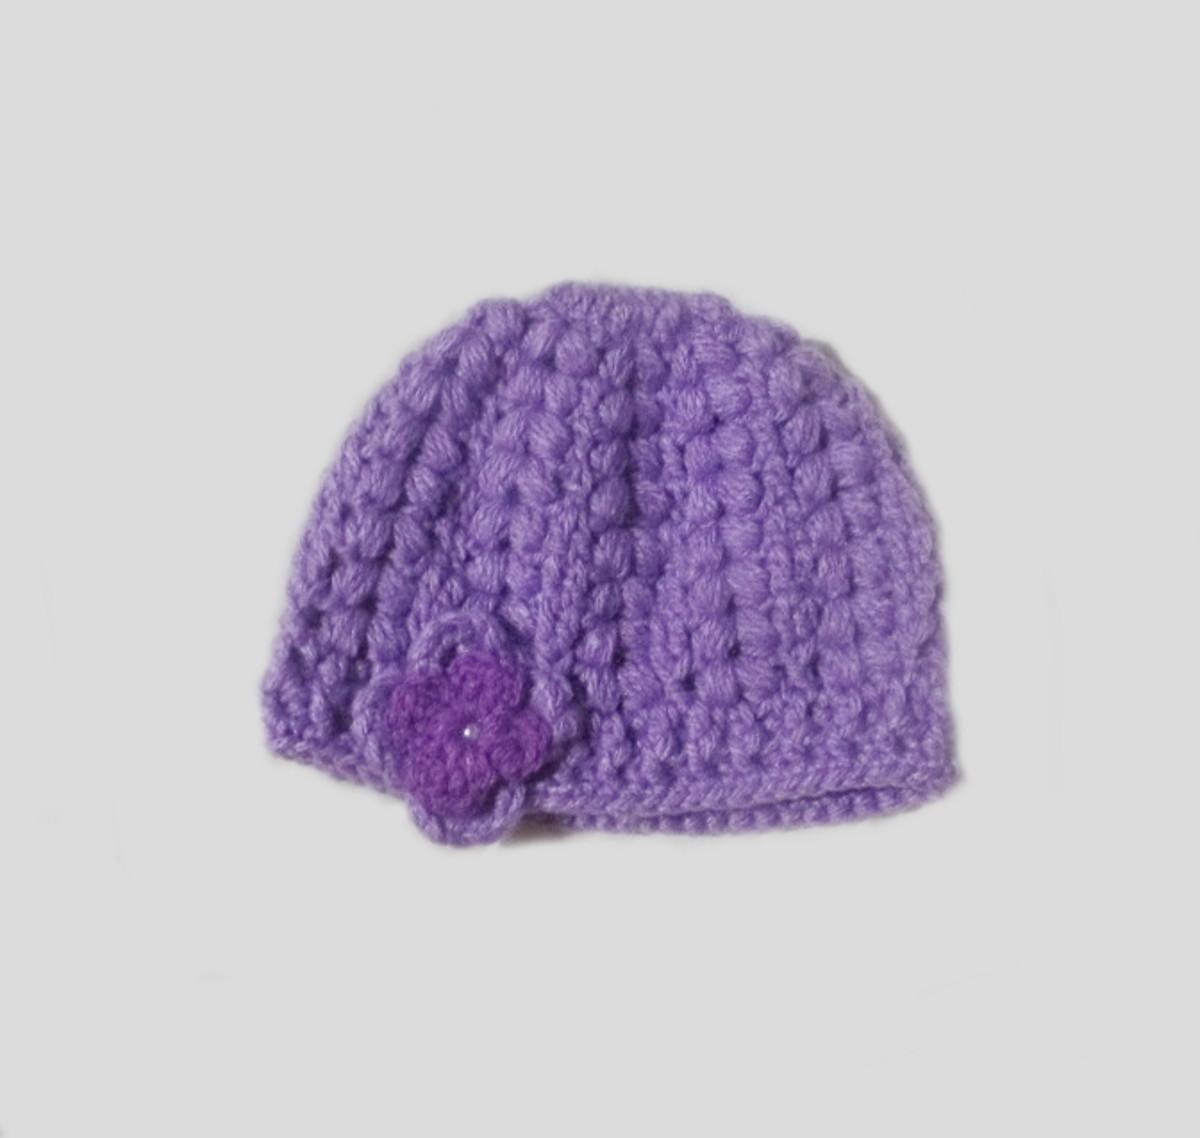 13e0e8d08 Gorro crochê feito com lã p bebê de 2 anos - Pronta entrega no Elo7 ...